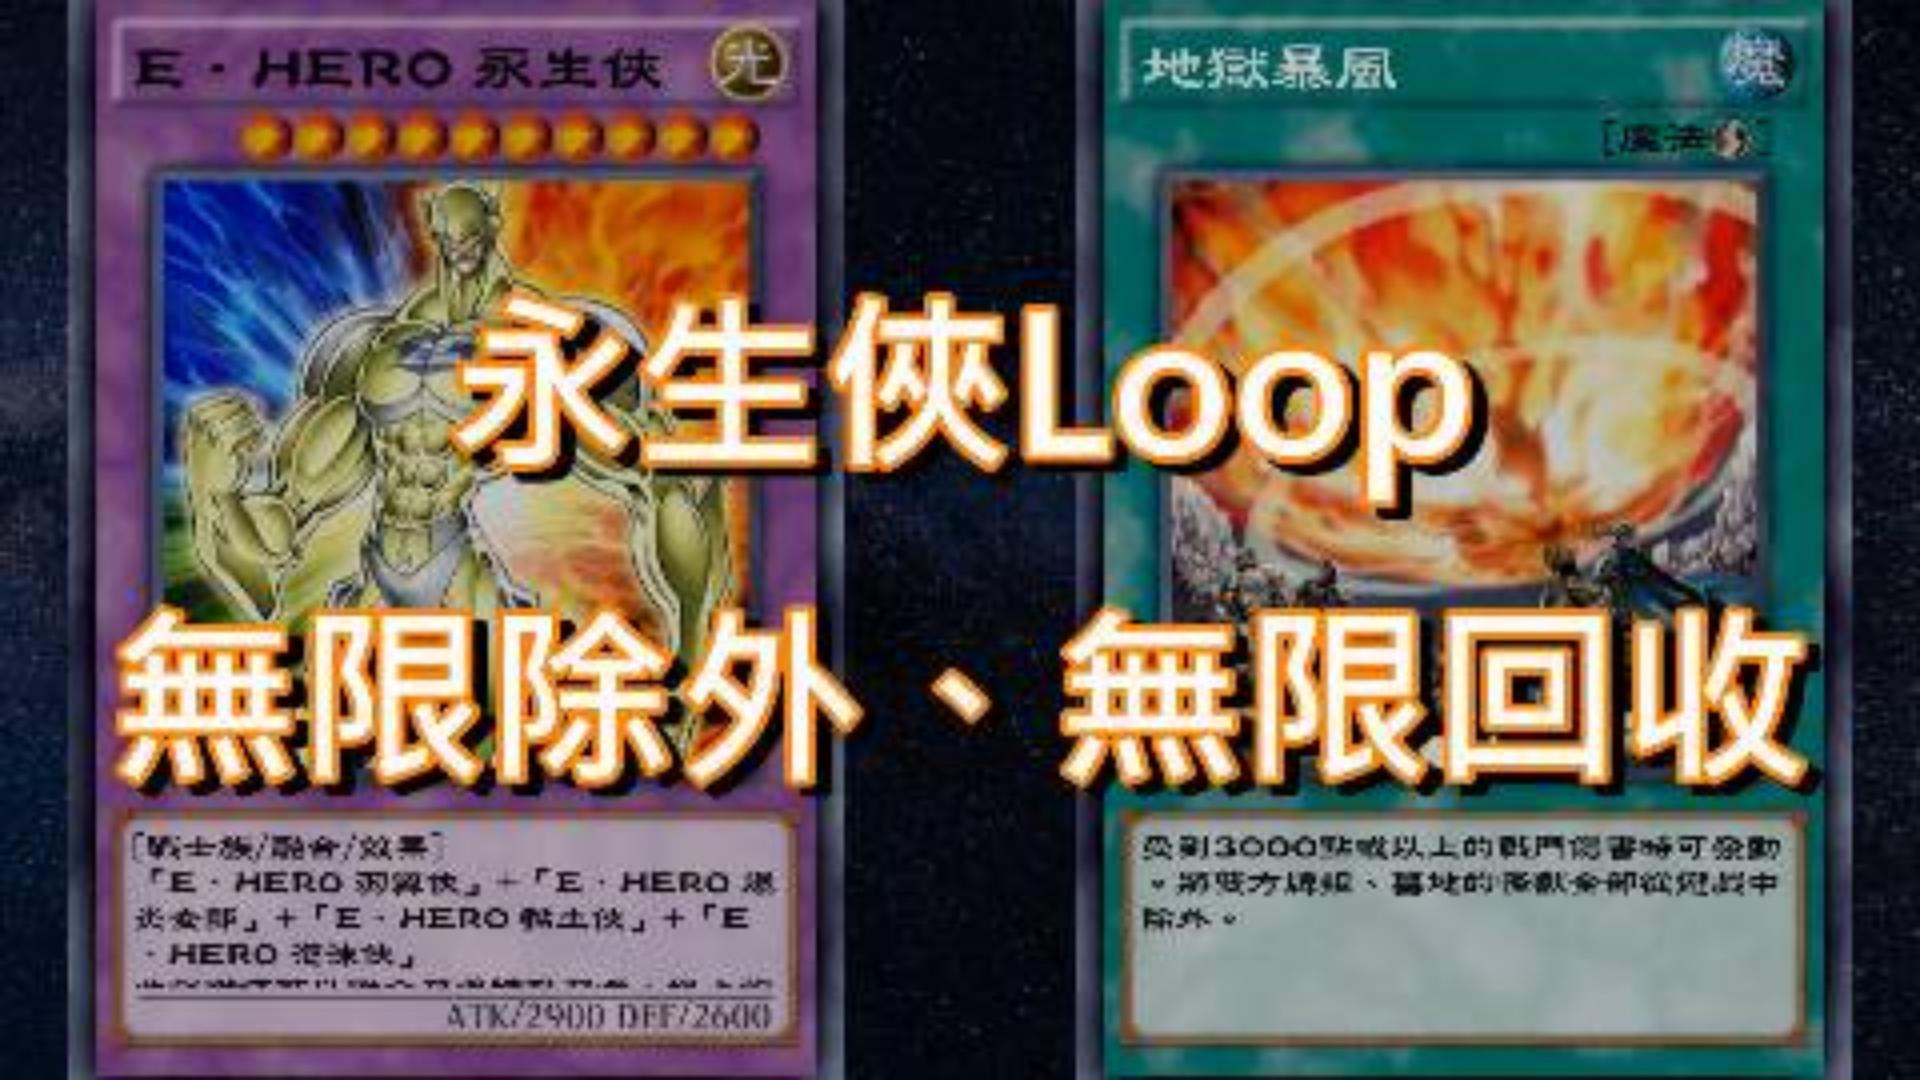 【游戏王 决斗联盟】无限除外、无限回收(永生侠无限Loop)